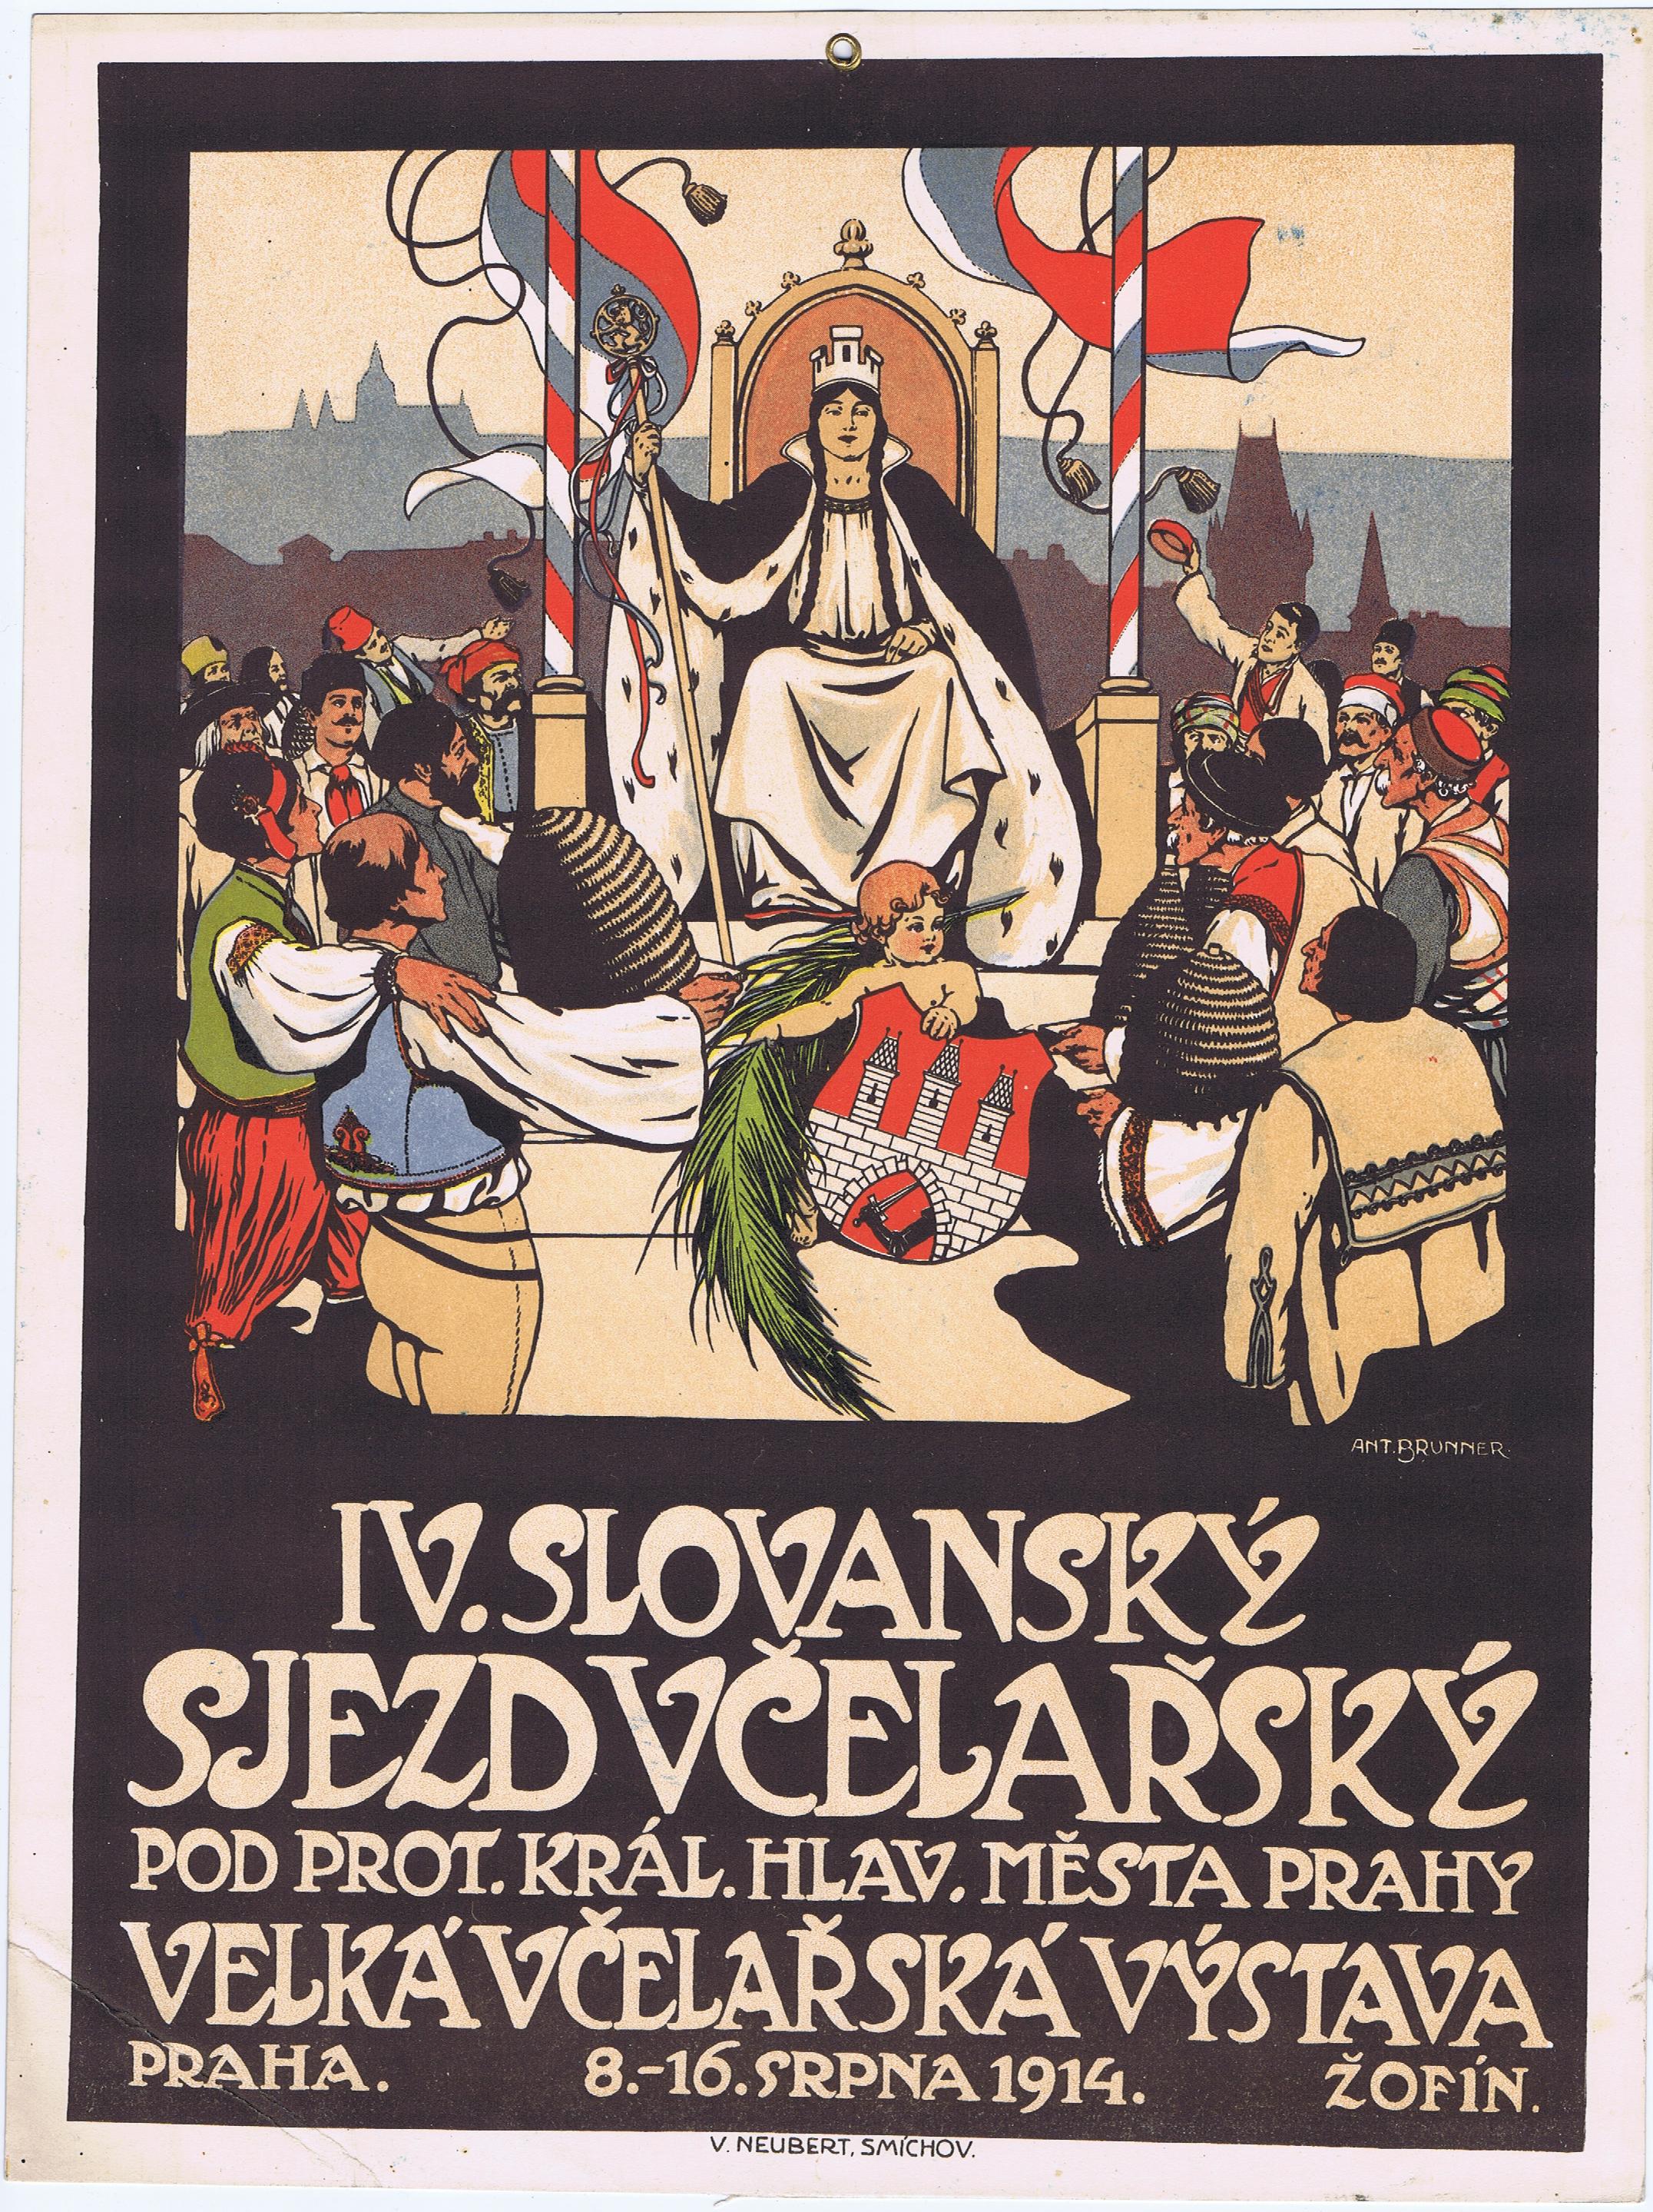 WW1392IV SLOVANSKY SJEZD VCELARSKY 1914